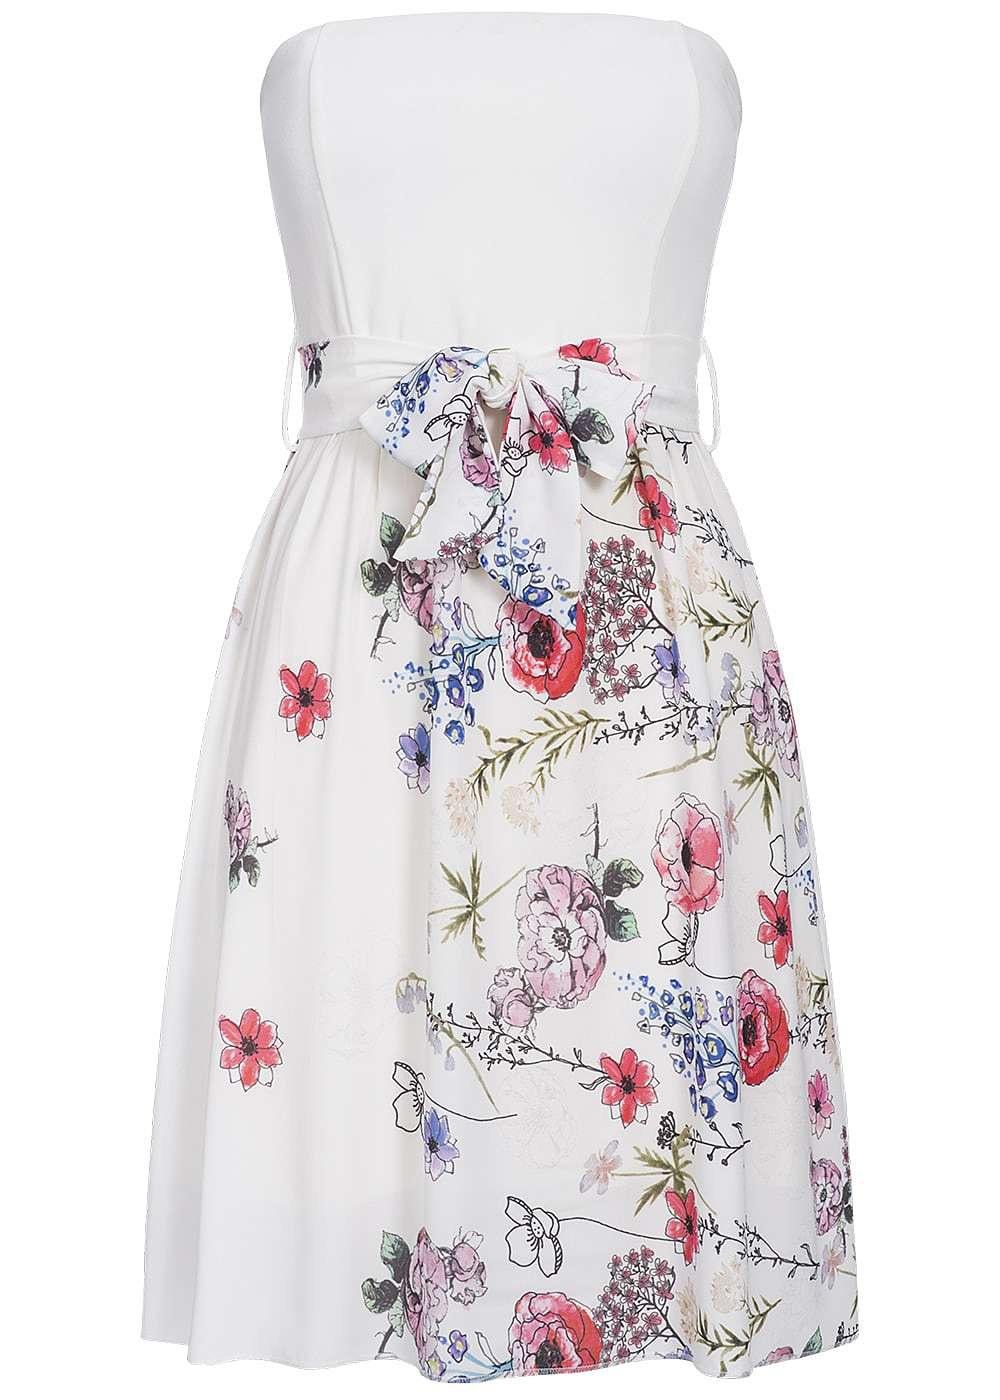 17 Fantastisch Kleid Weiß Blumen Vertrieb Fantastisch Kleid Weiß Blumen Bester Preis